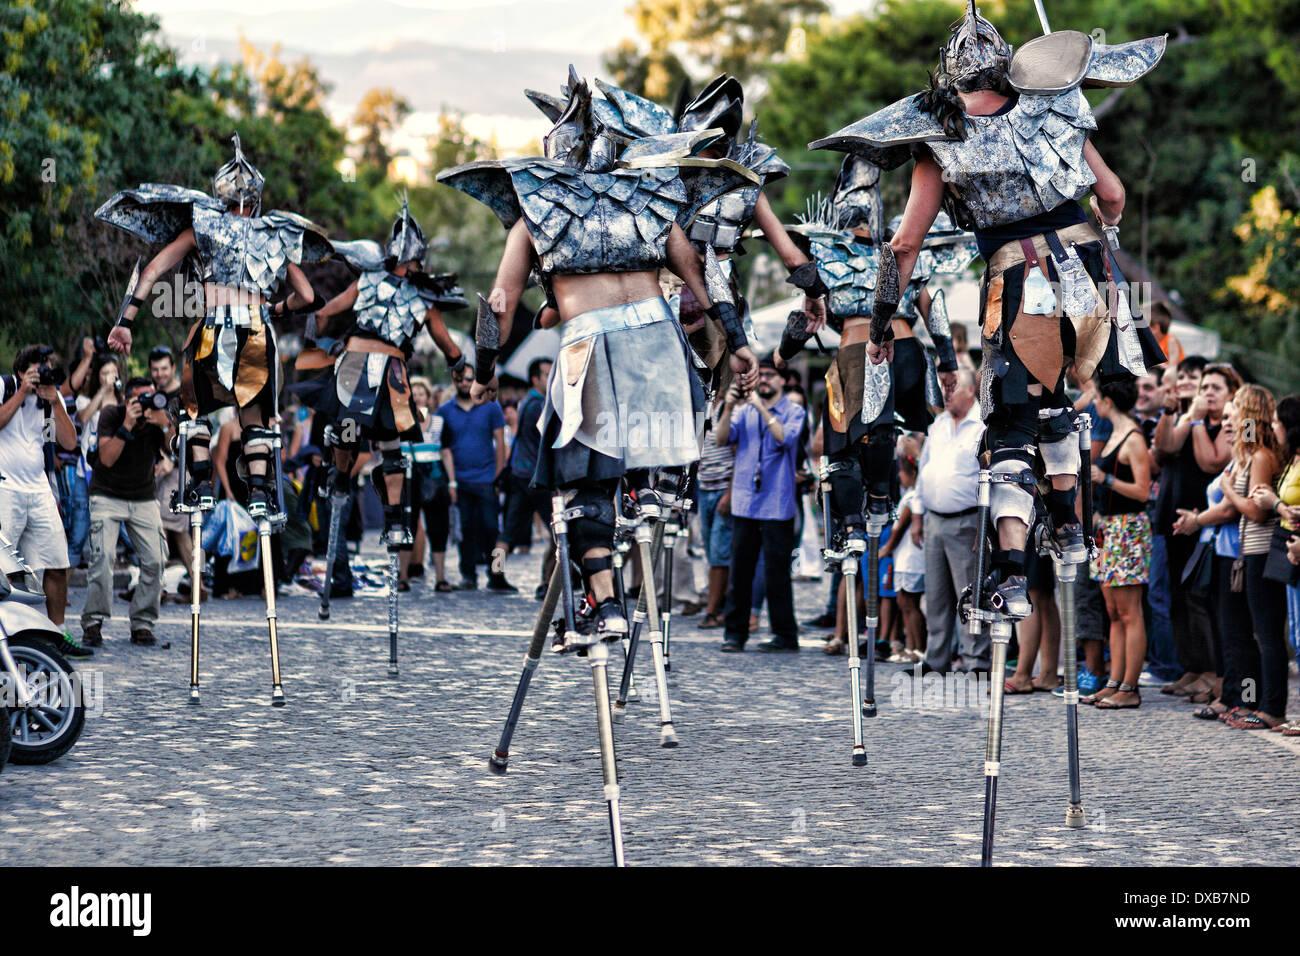 Trampolieri in strada di Atene, Grecia Immagini Stock